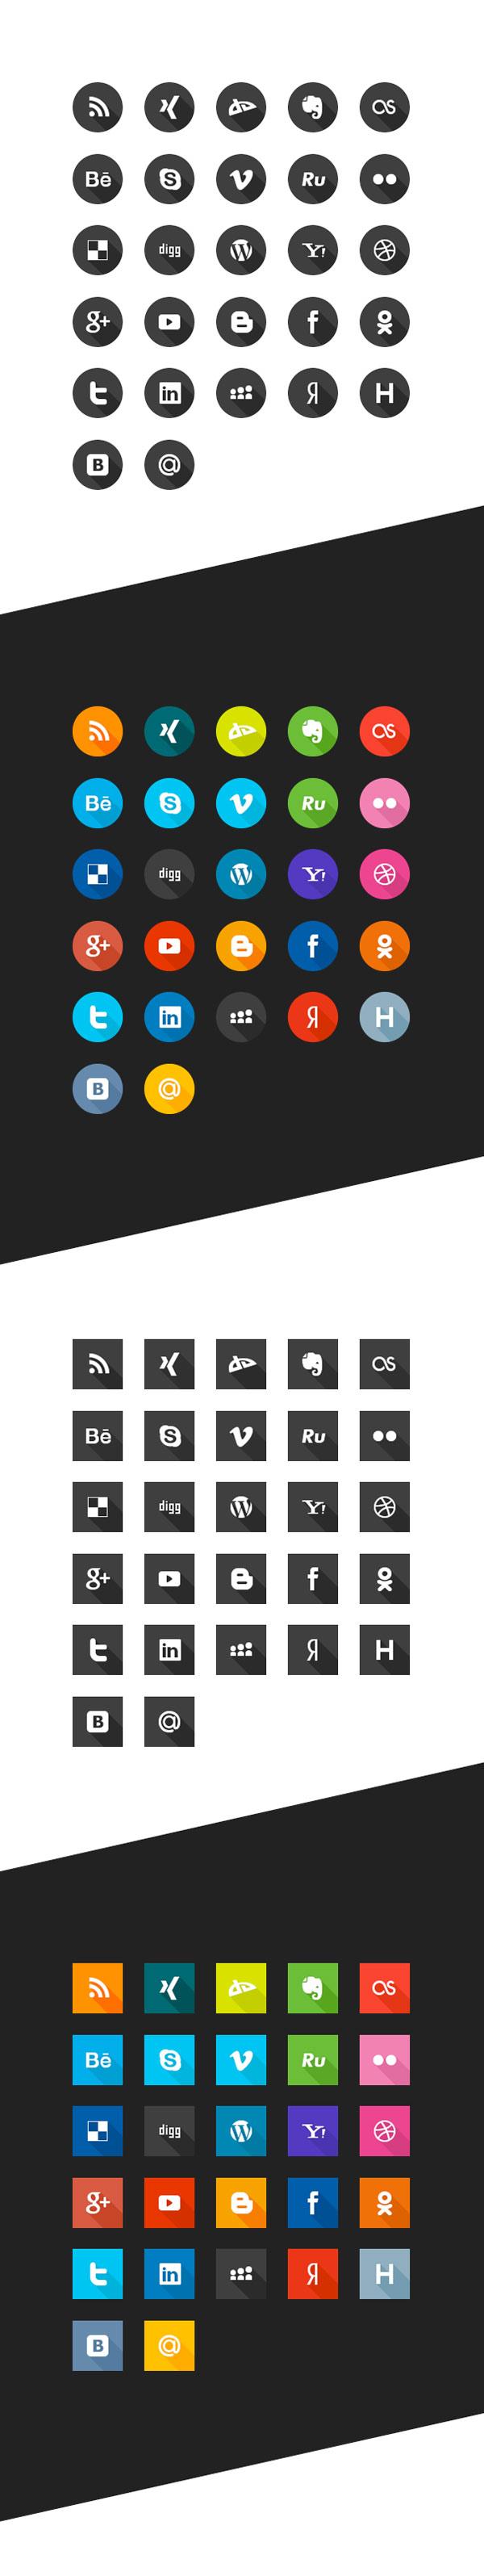 free-social-icon-sets